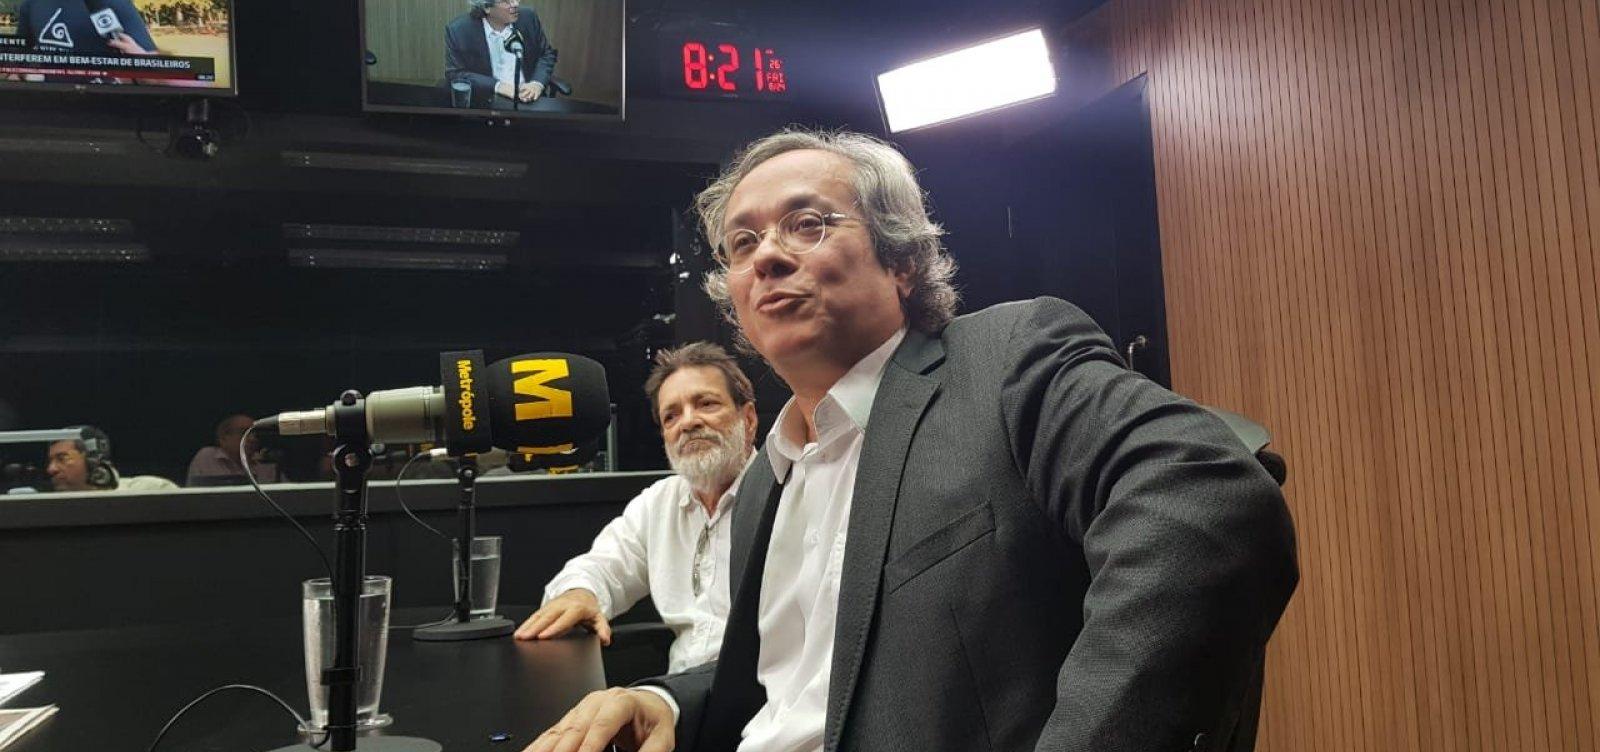 [João Carlos Salles e Paulo Miguez serão empossados reitor e vice da Ufba hoje]